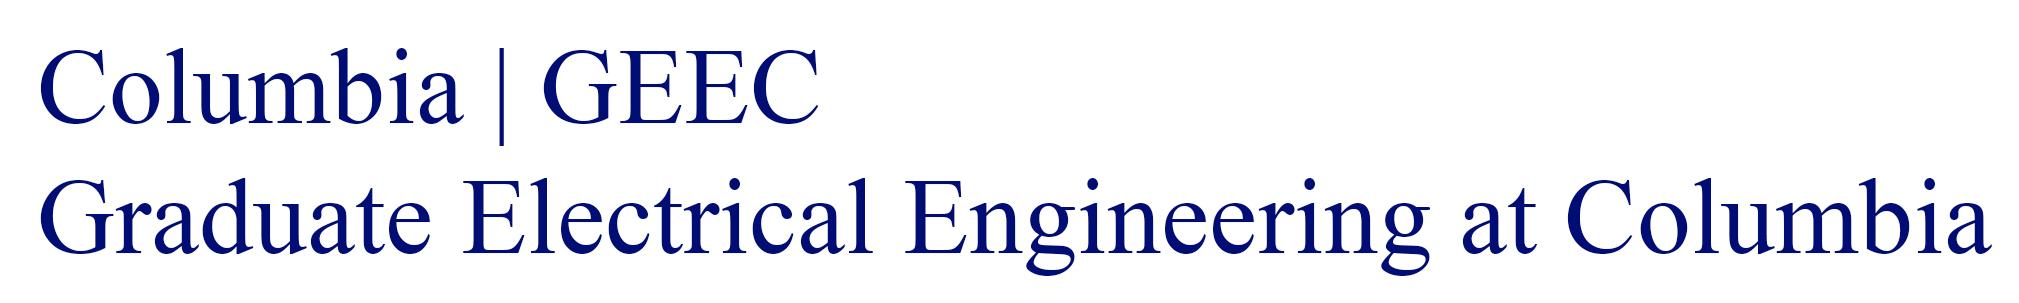 GEEC logo